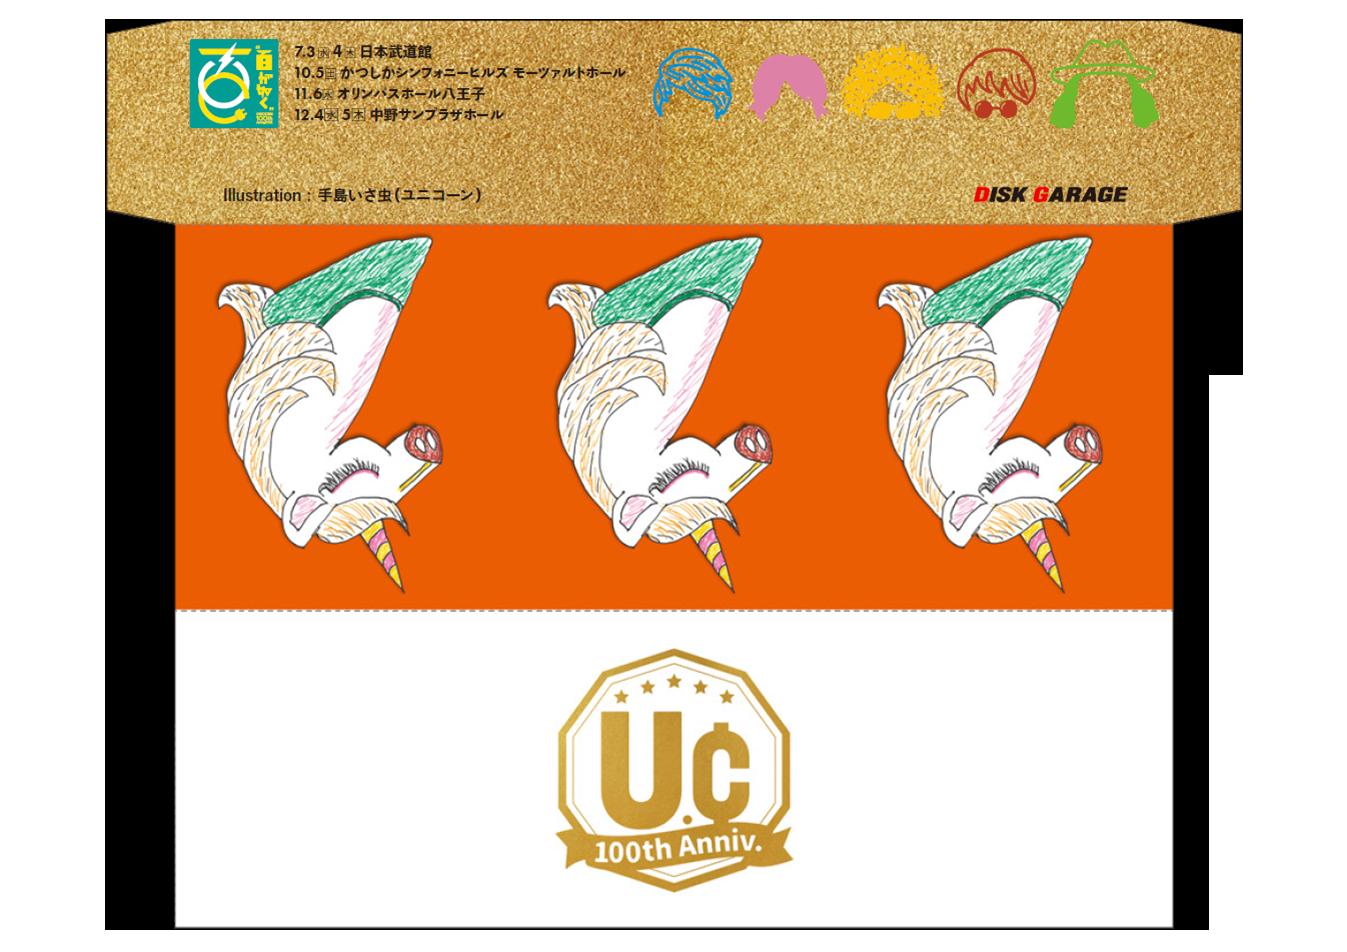 手島いさ虫(ユニコーン) がイラストを描きおろし!オリジナルチケット封筒